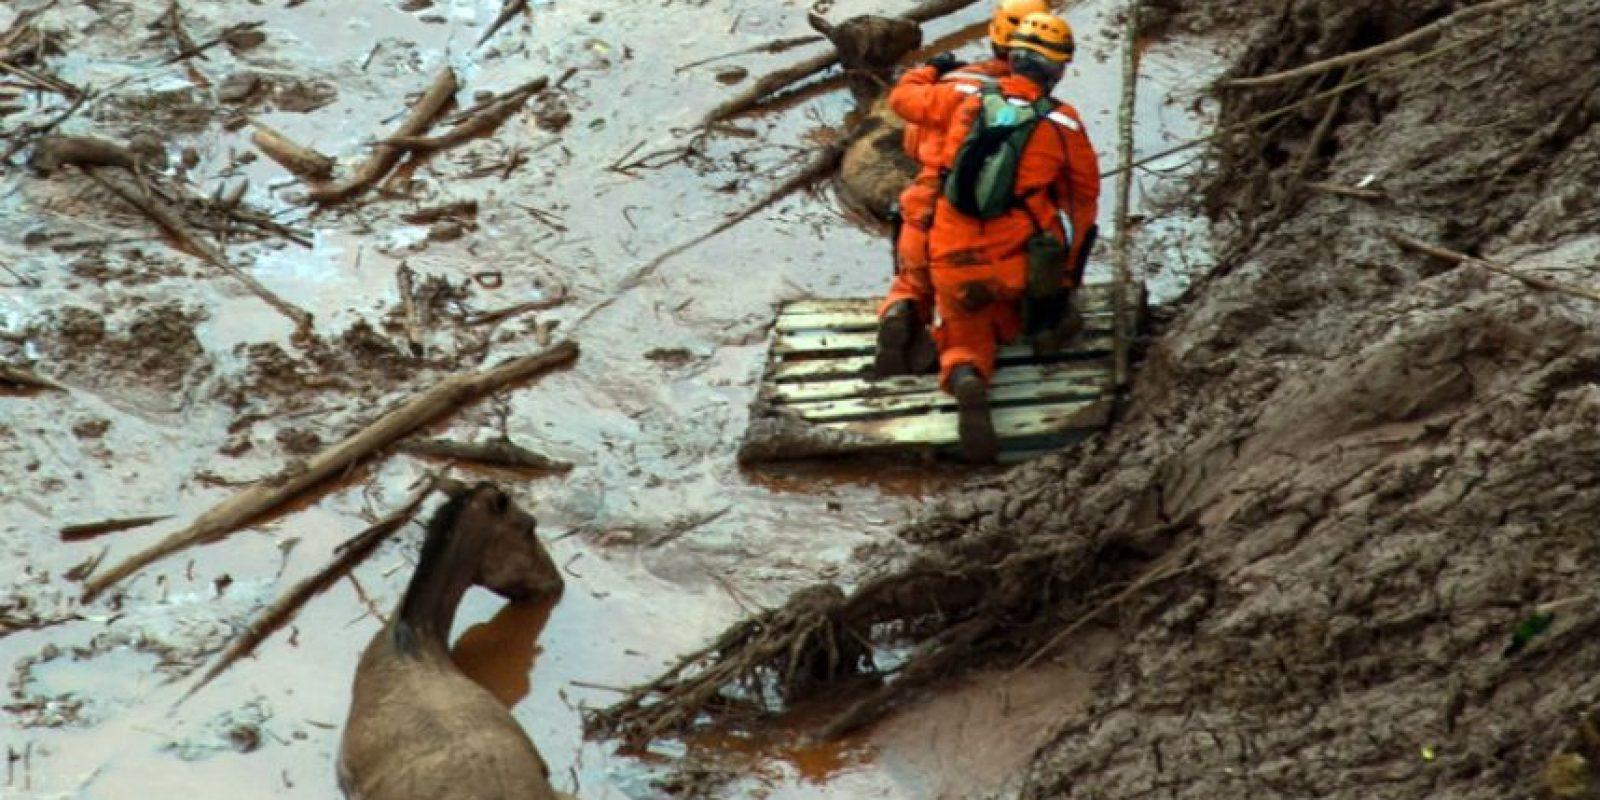 También se busca la manera de rescatar a los animales. Foto:AFP